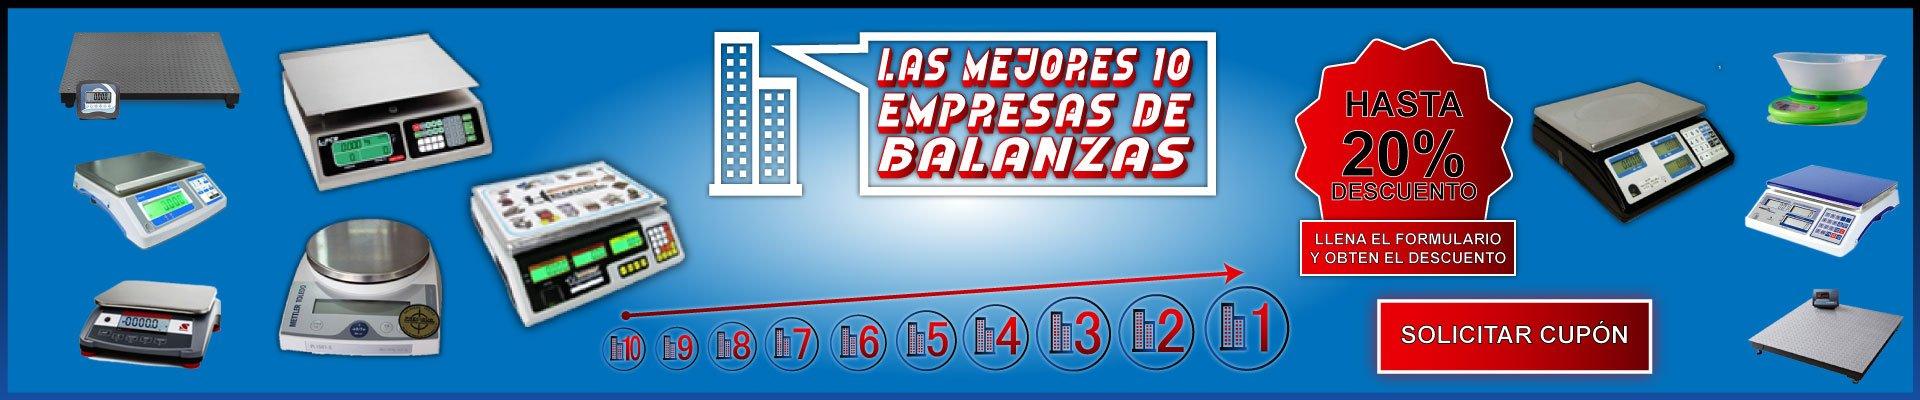 20% de Descuento en Balanzas